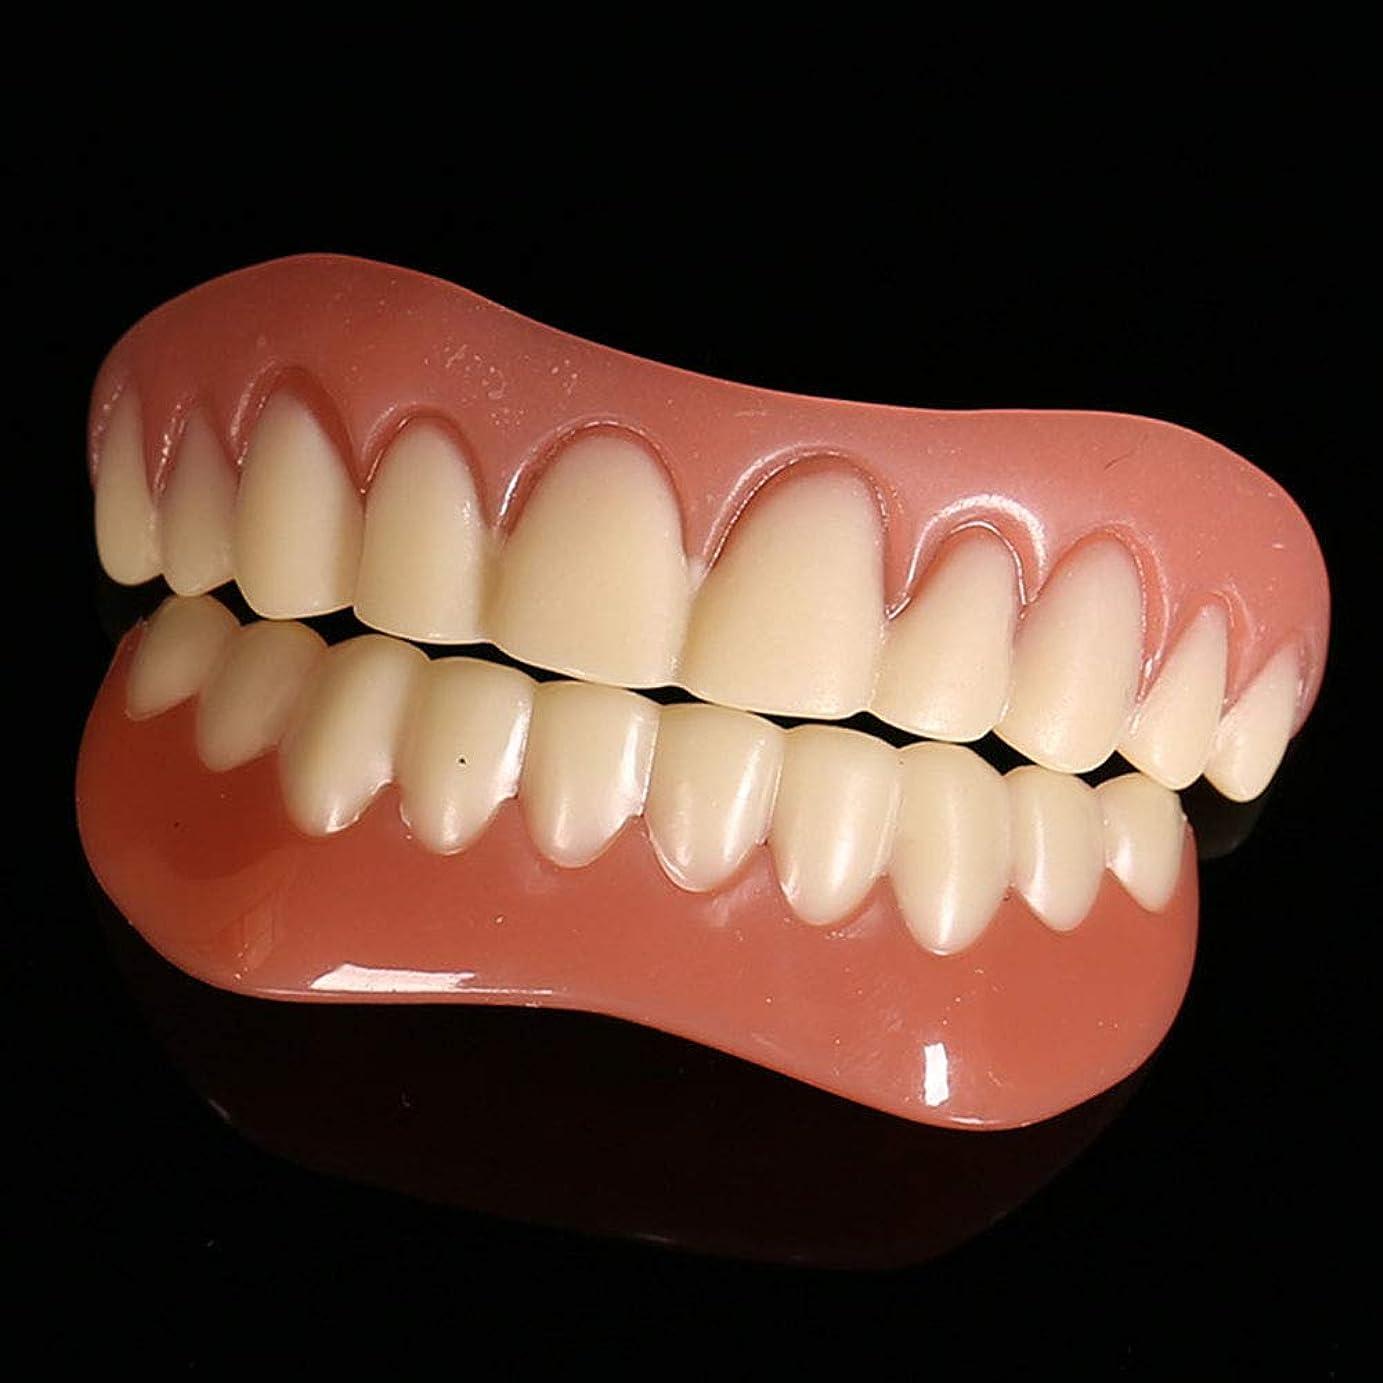 スタッフ近似保護する義歯シミュレーション入れ歯の6セットは、シリコーン現実的なホワイトニング中括弧を使用してサイクルを洗浄することができます